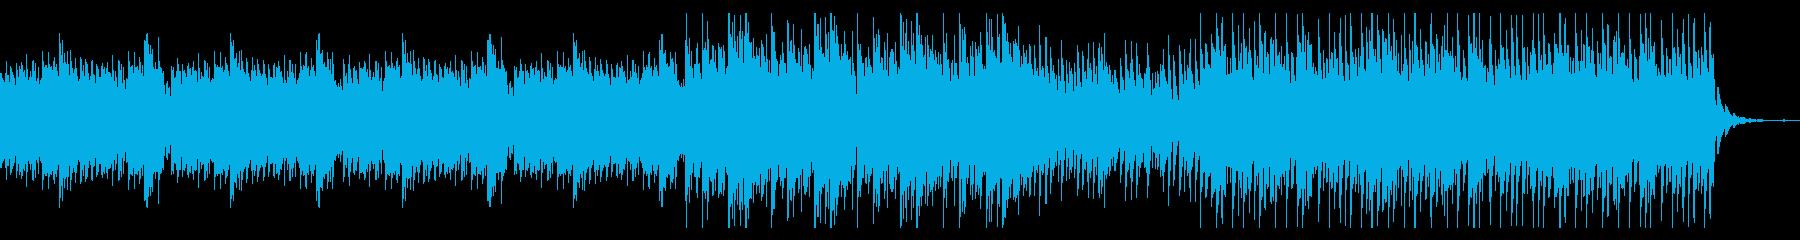 爽やかなピアノディレイの曲の再生済みの波形